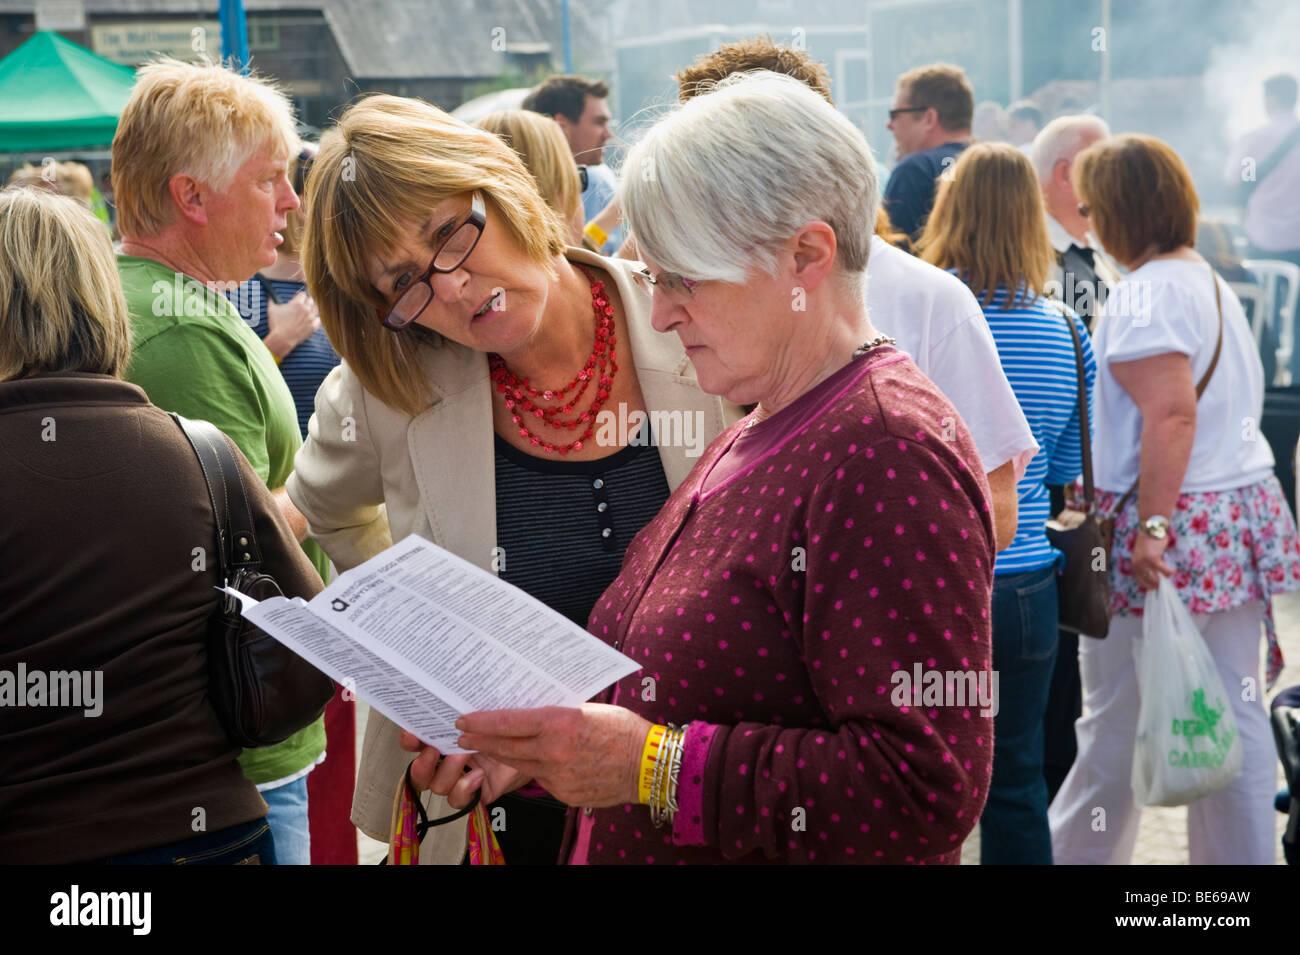 Persone che leggono volantini a Abergavenny Food Festival Monmouthshire South Wales UK Immagini Stock